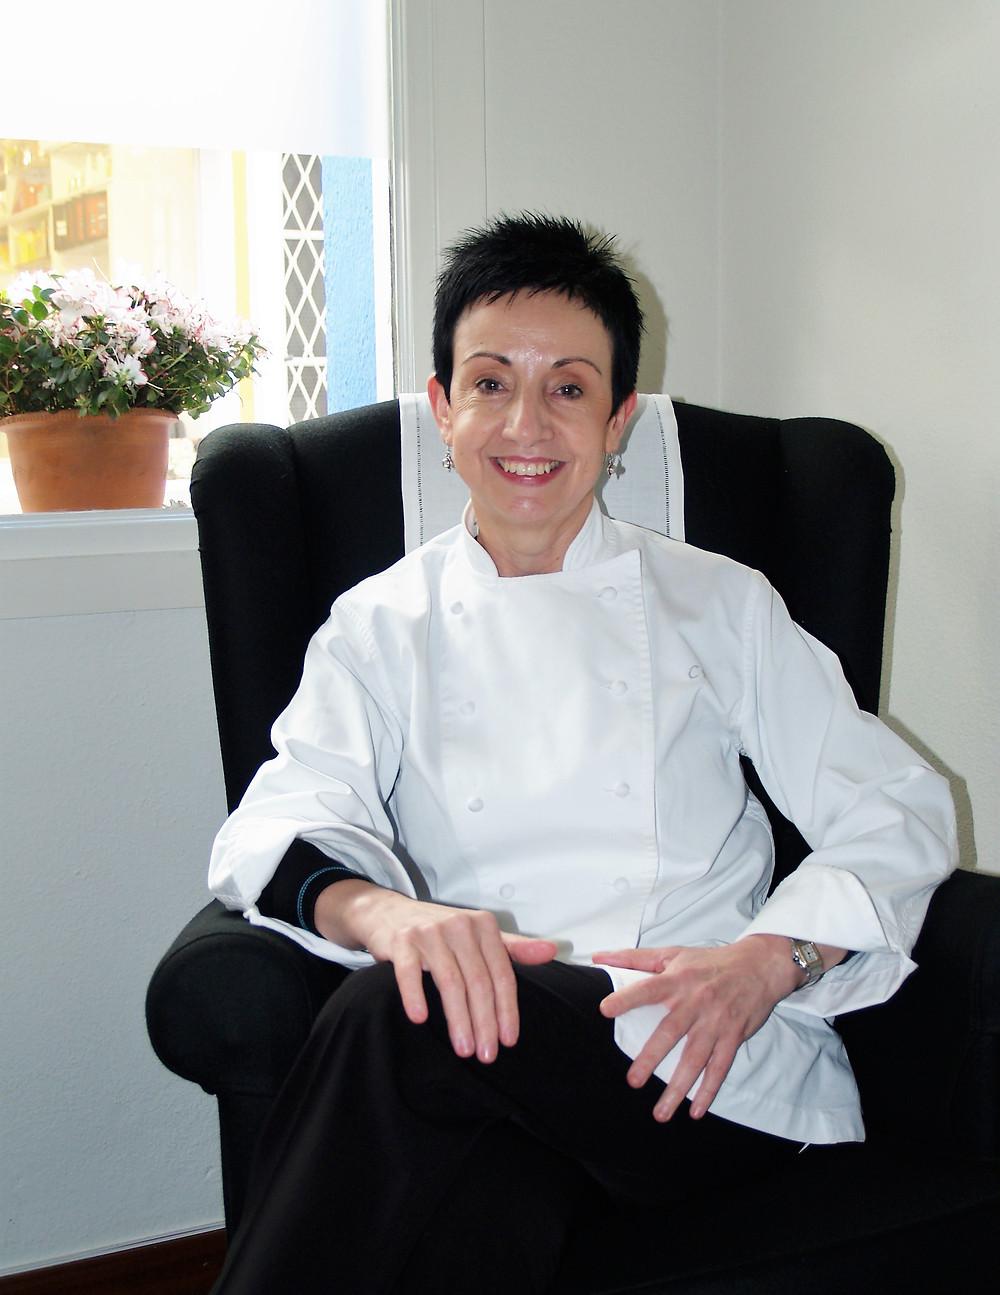 Chef Carme Ruscalleda